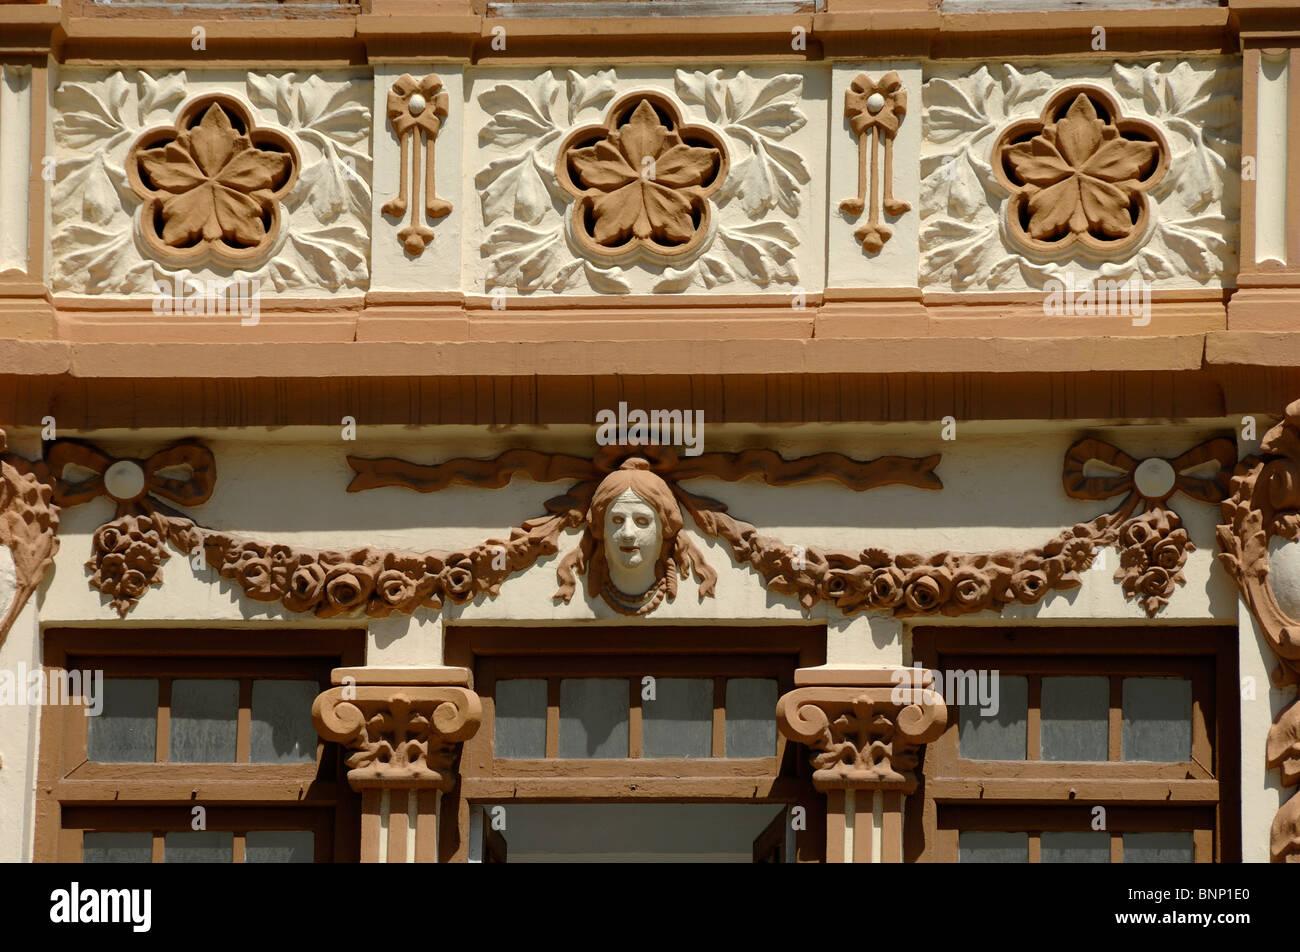 Decor Art Nouveau Stock Photos & Decor Art Nouveau Stock Images - Alamy